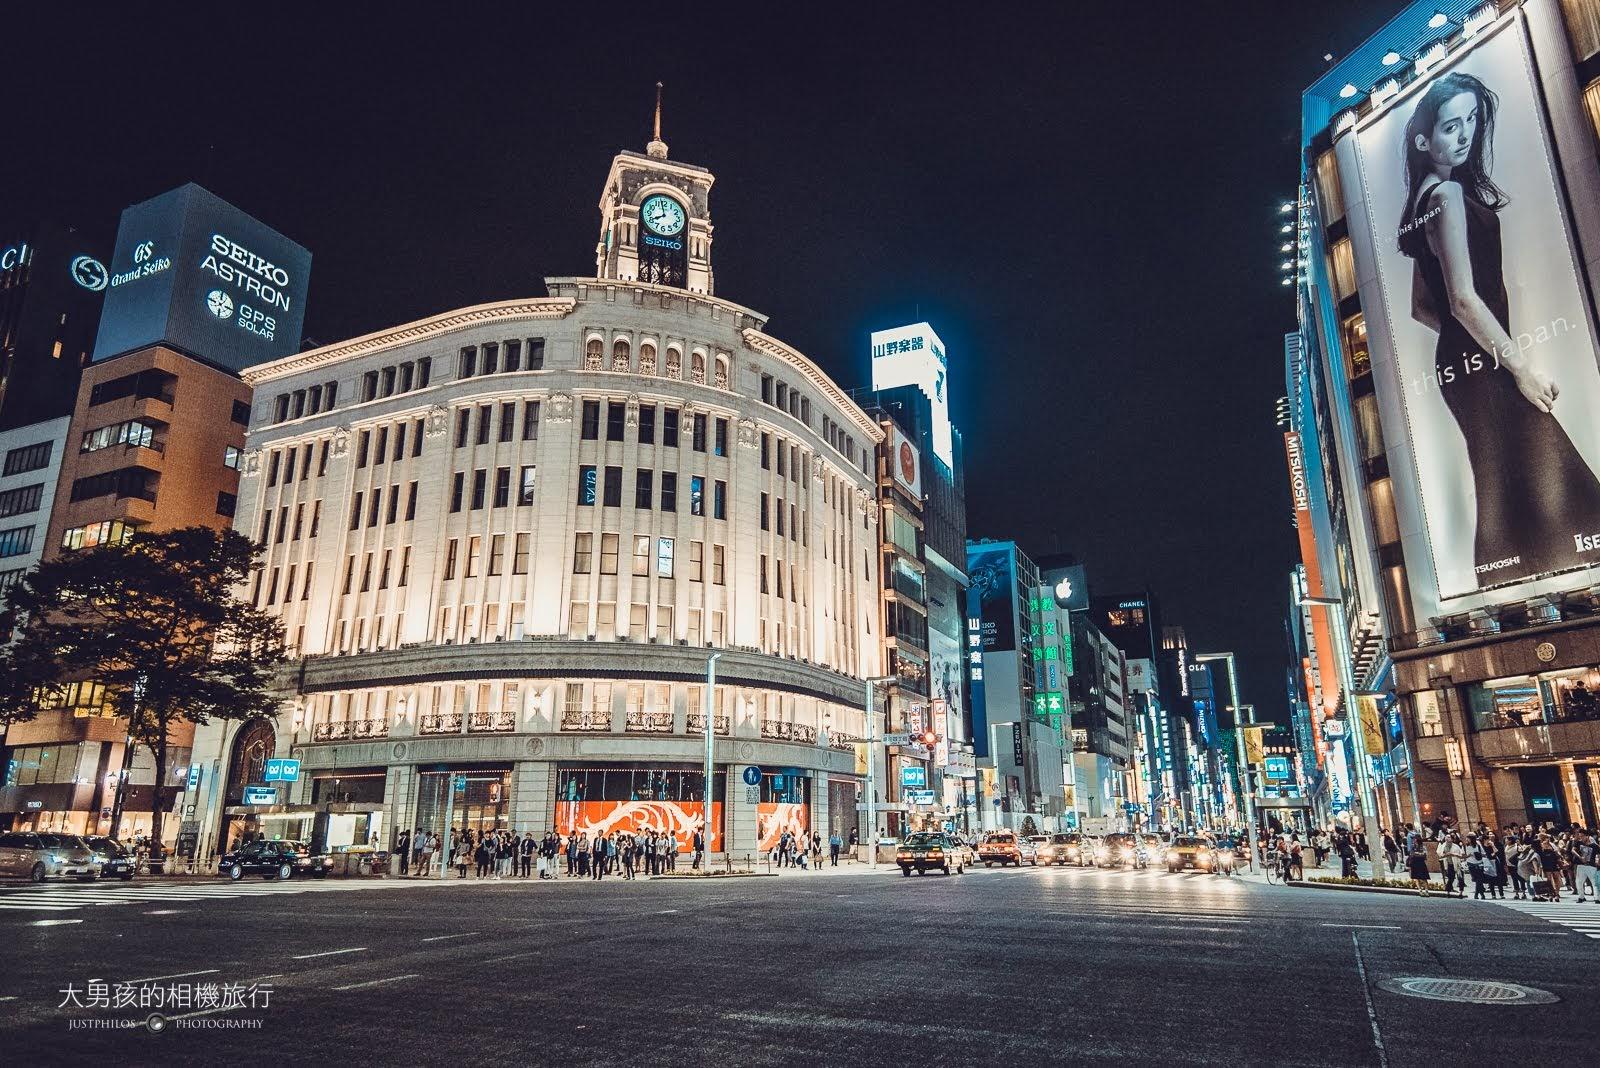 銀座有名的鐘樓建築,是來東京銀座必拍的都市夜景建築之一。